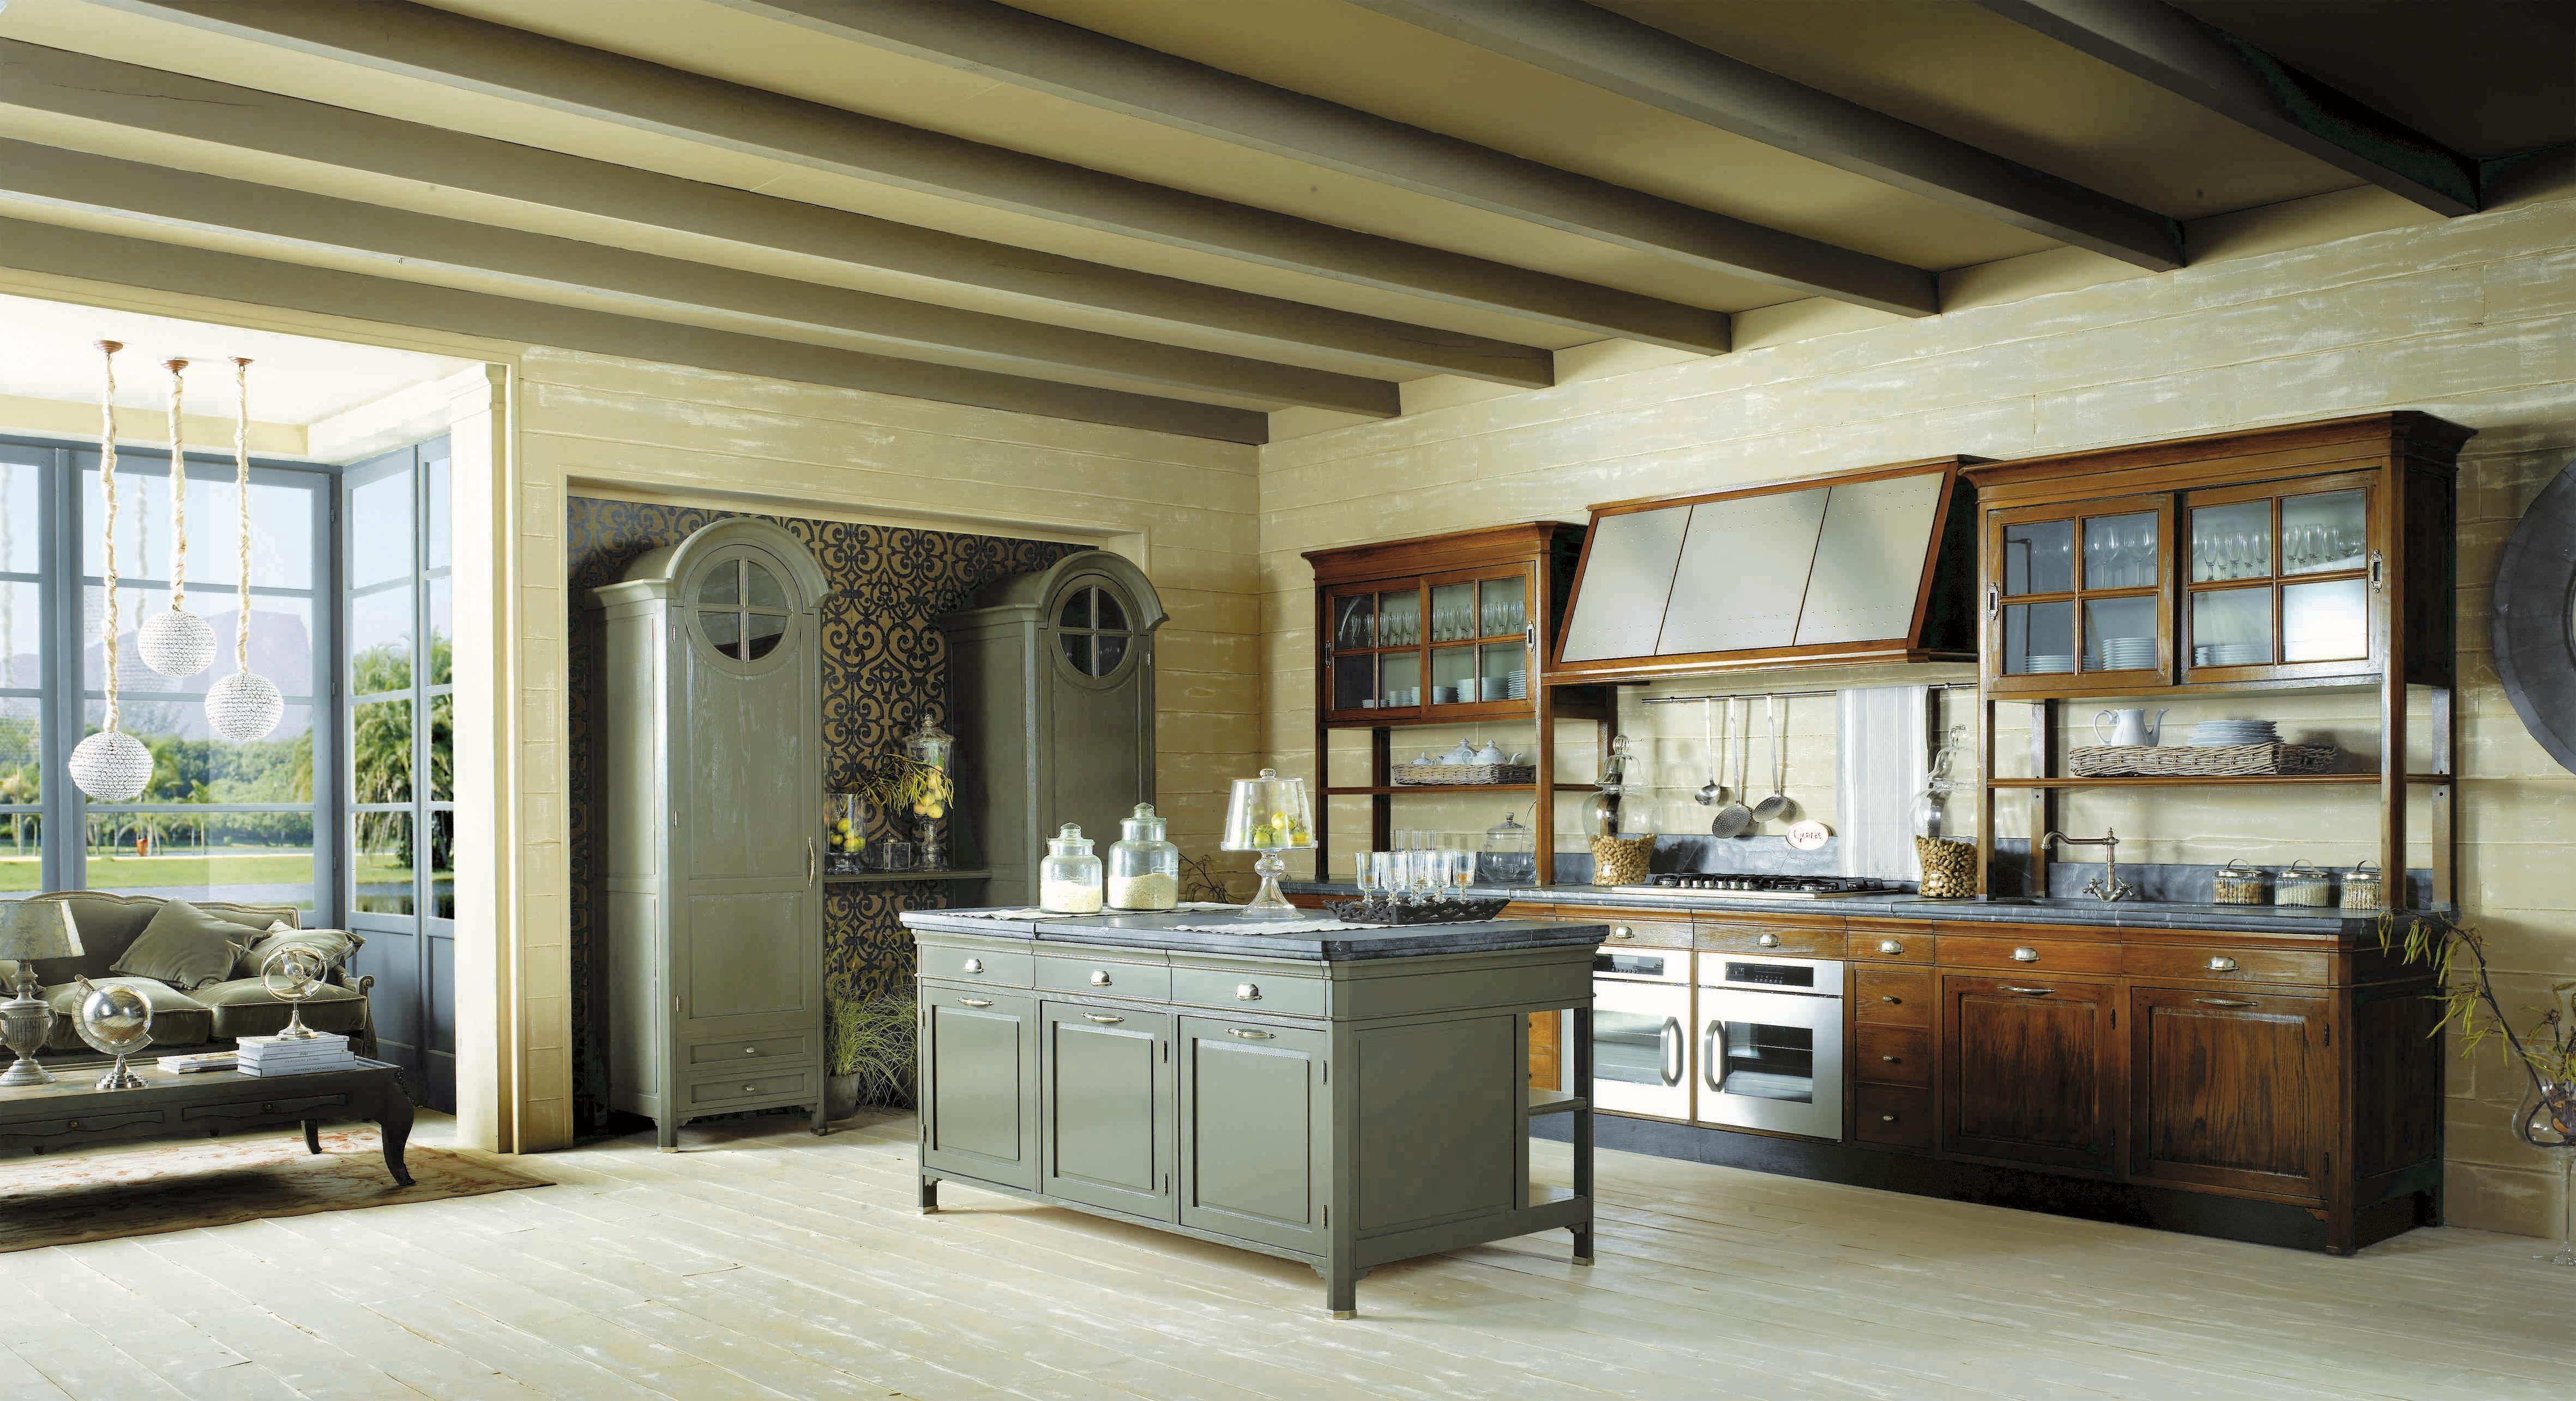 cucina opera marchi cucine 40